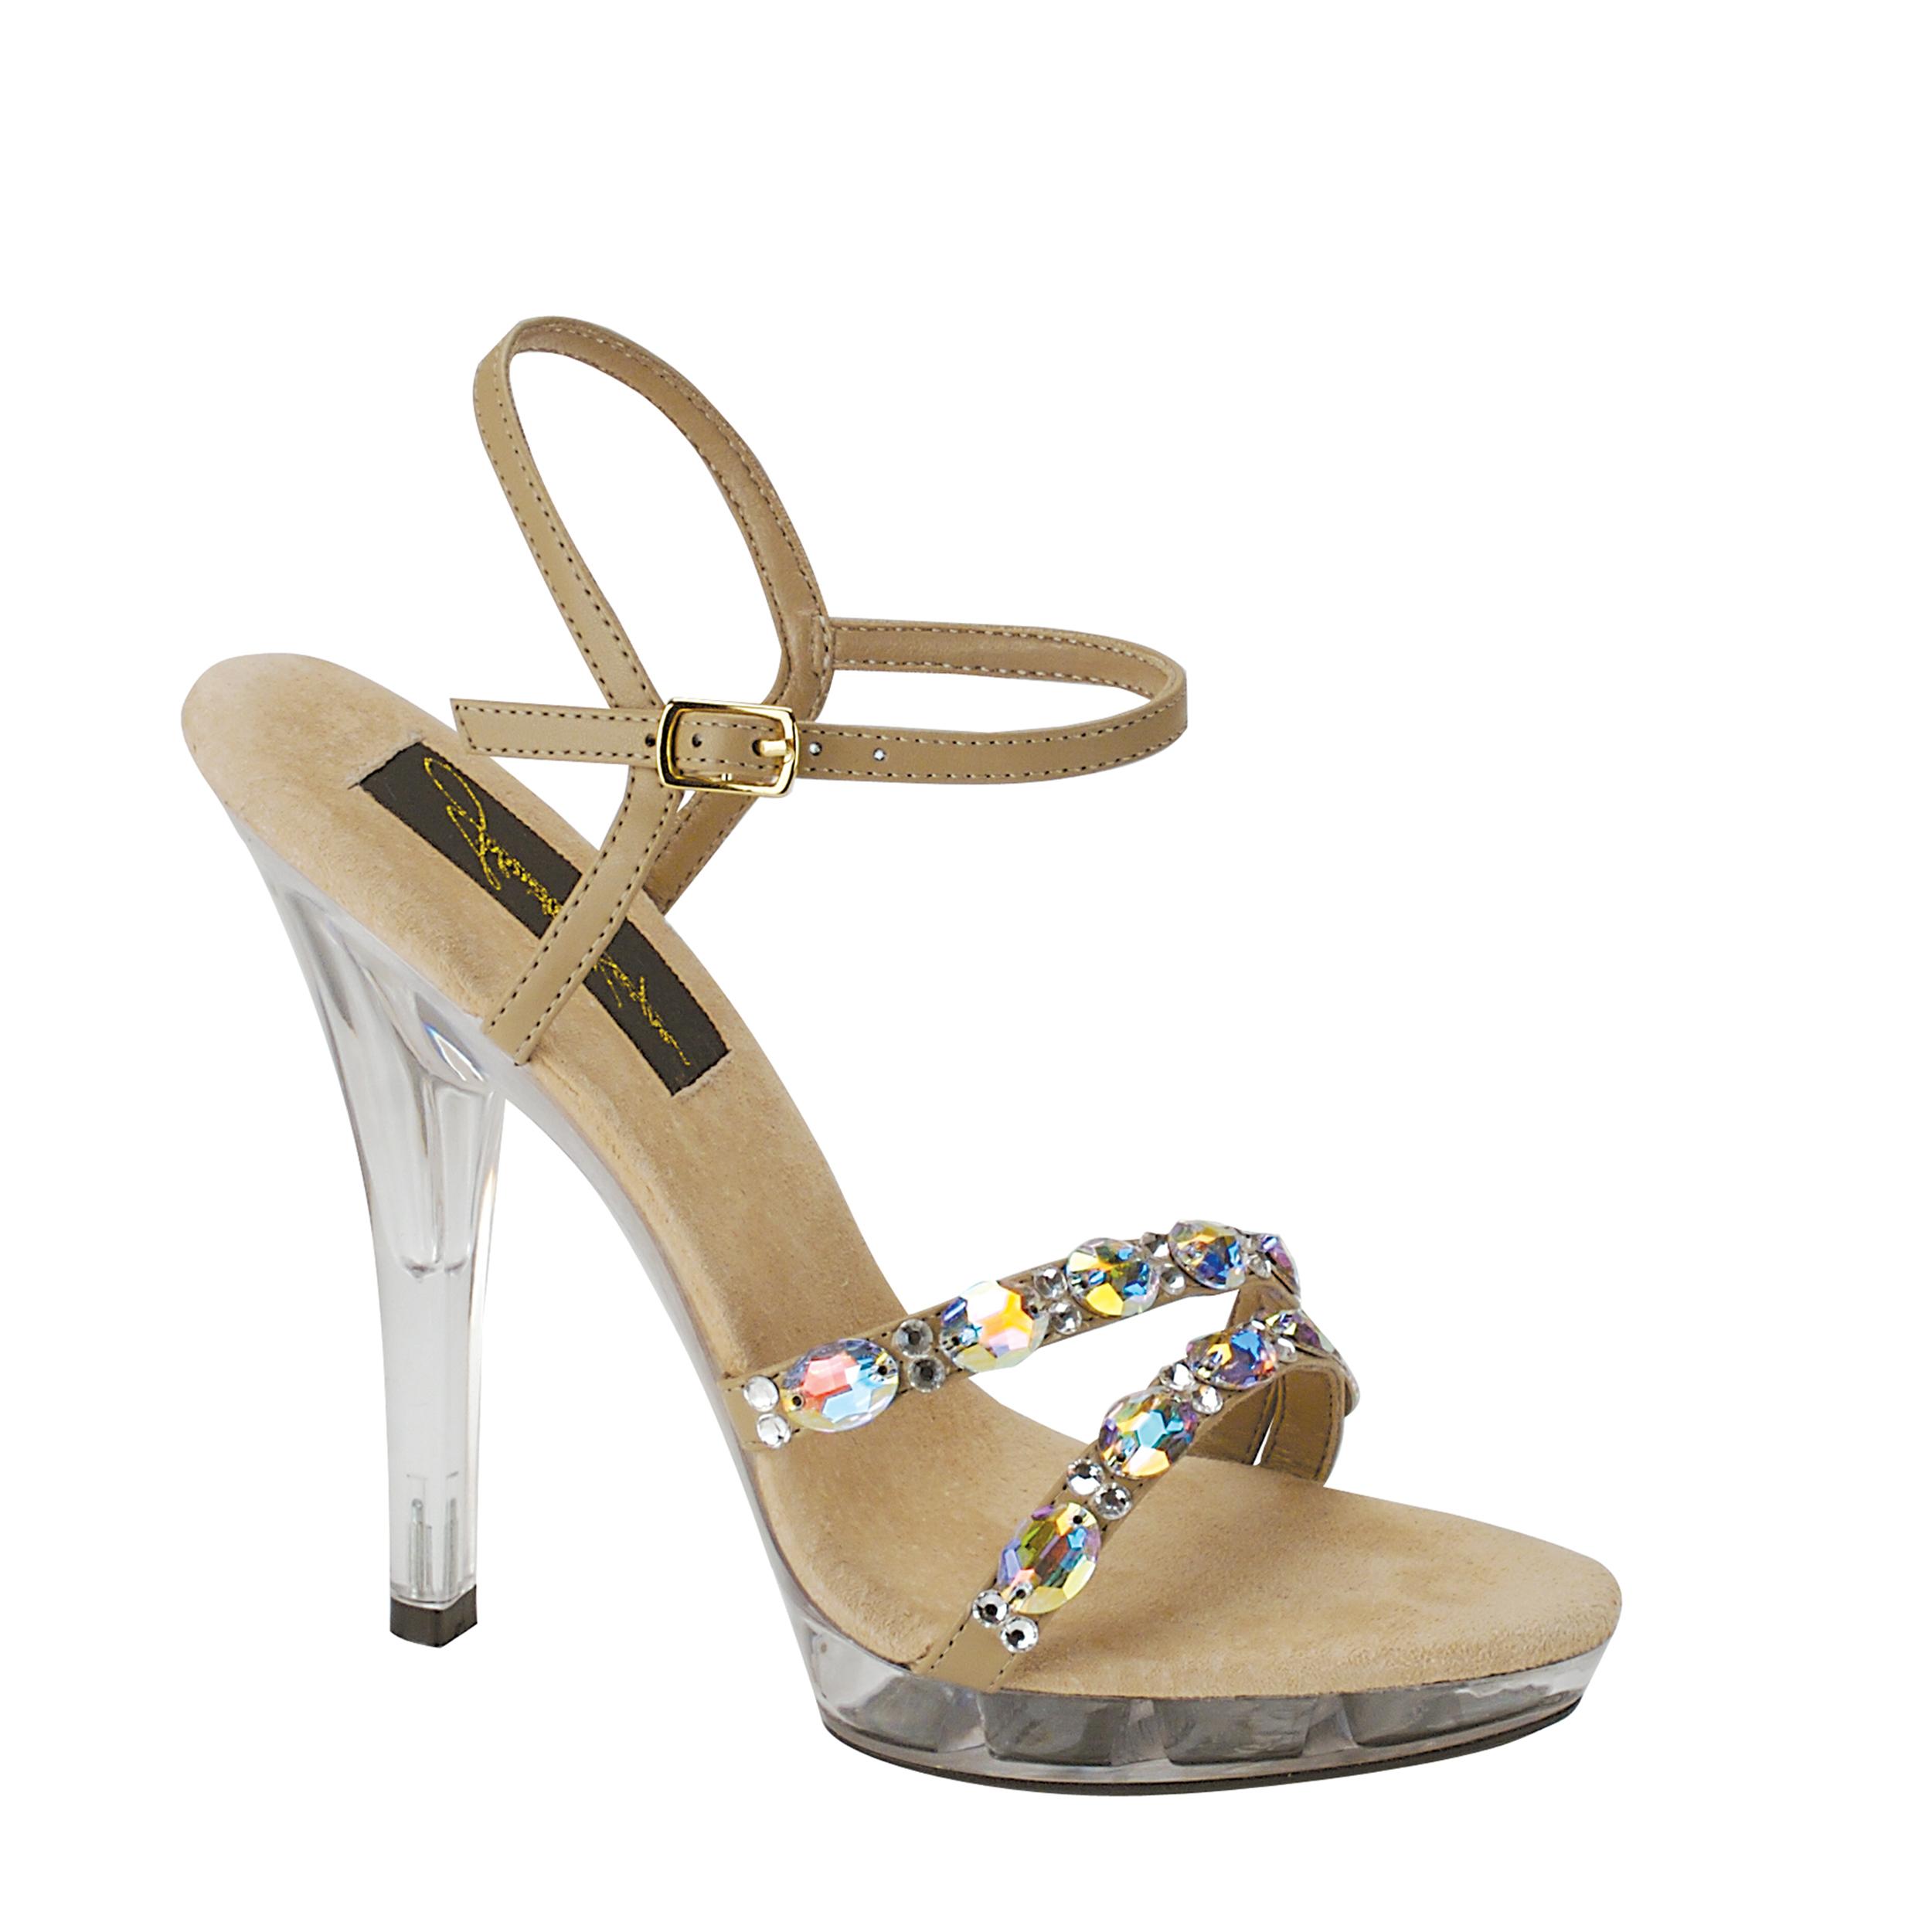 Johnathan Kayne Womens Austria Platform Sandal,Taupe,8.5 M US